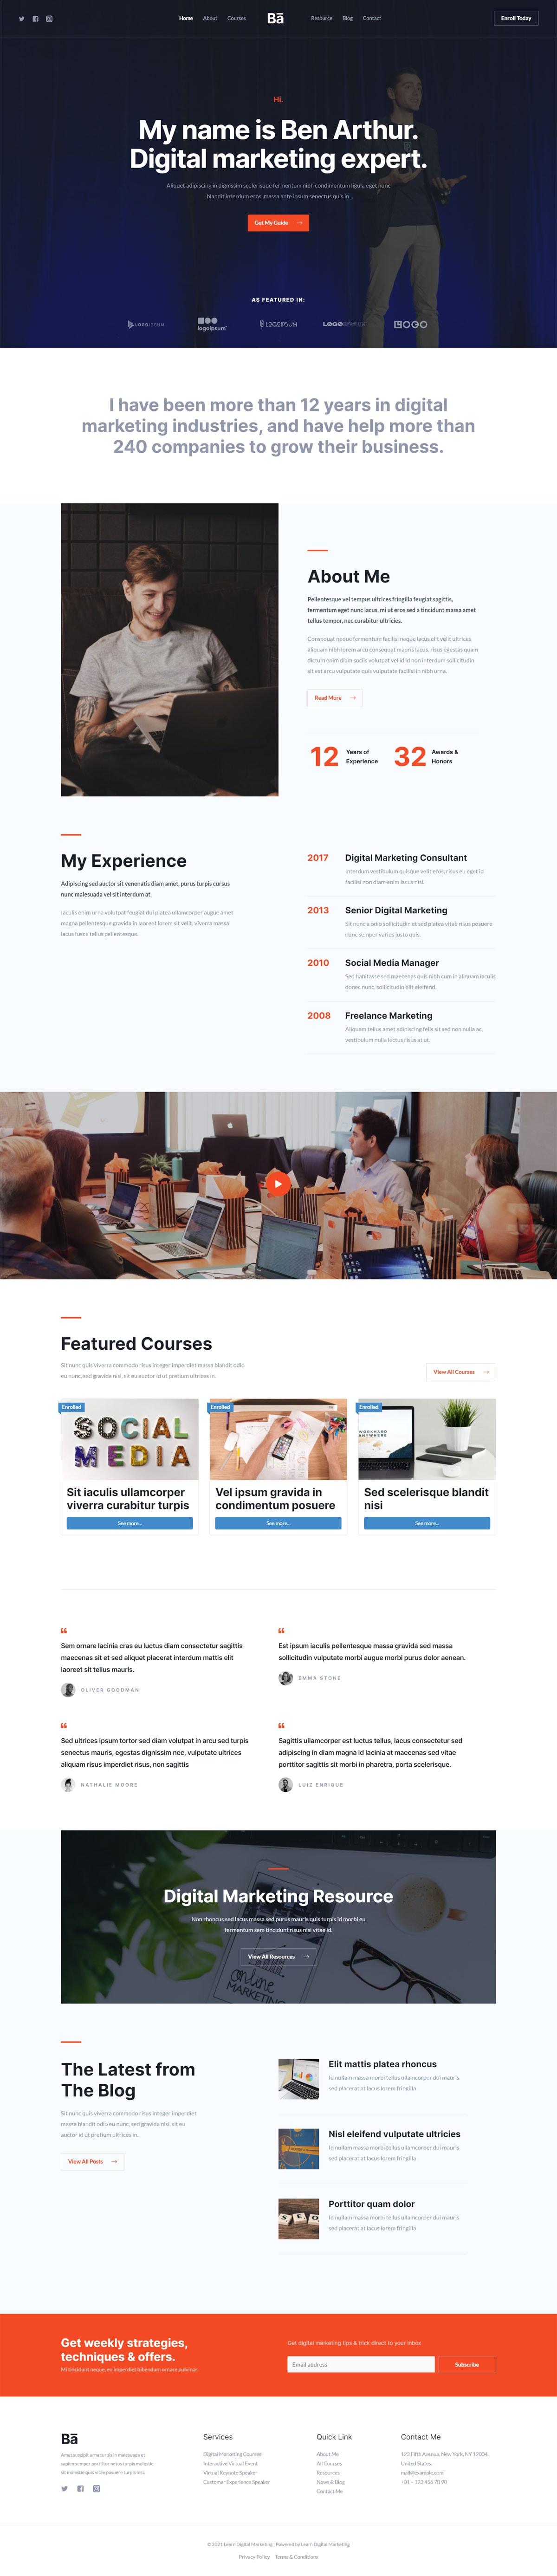 Готовый сайт онлайн курсов digital маркетинга. Создание сайтов в Костроме